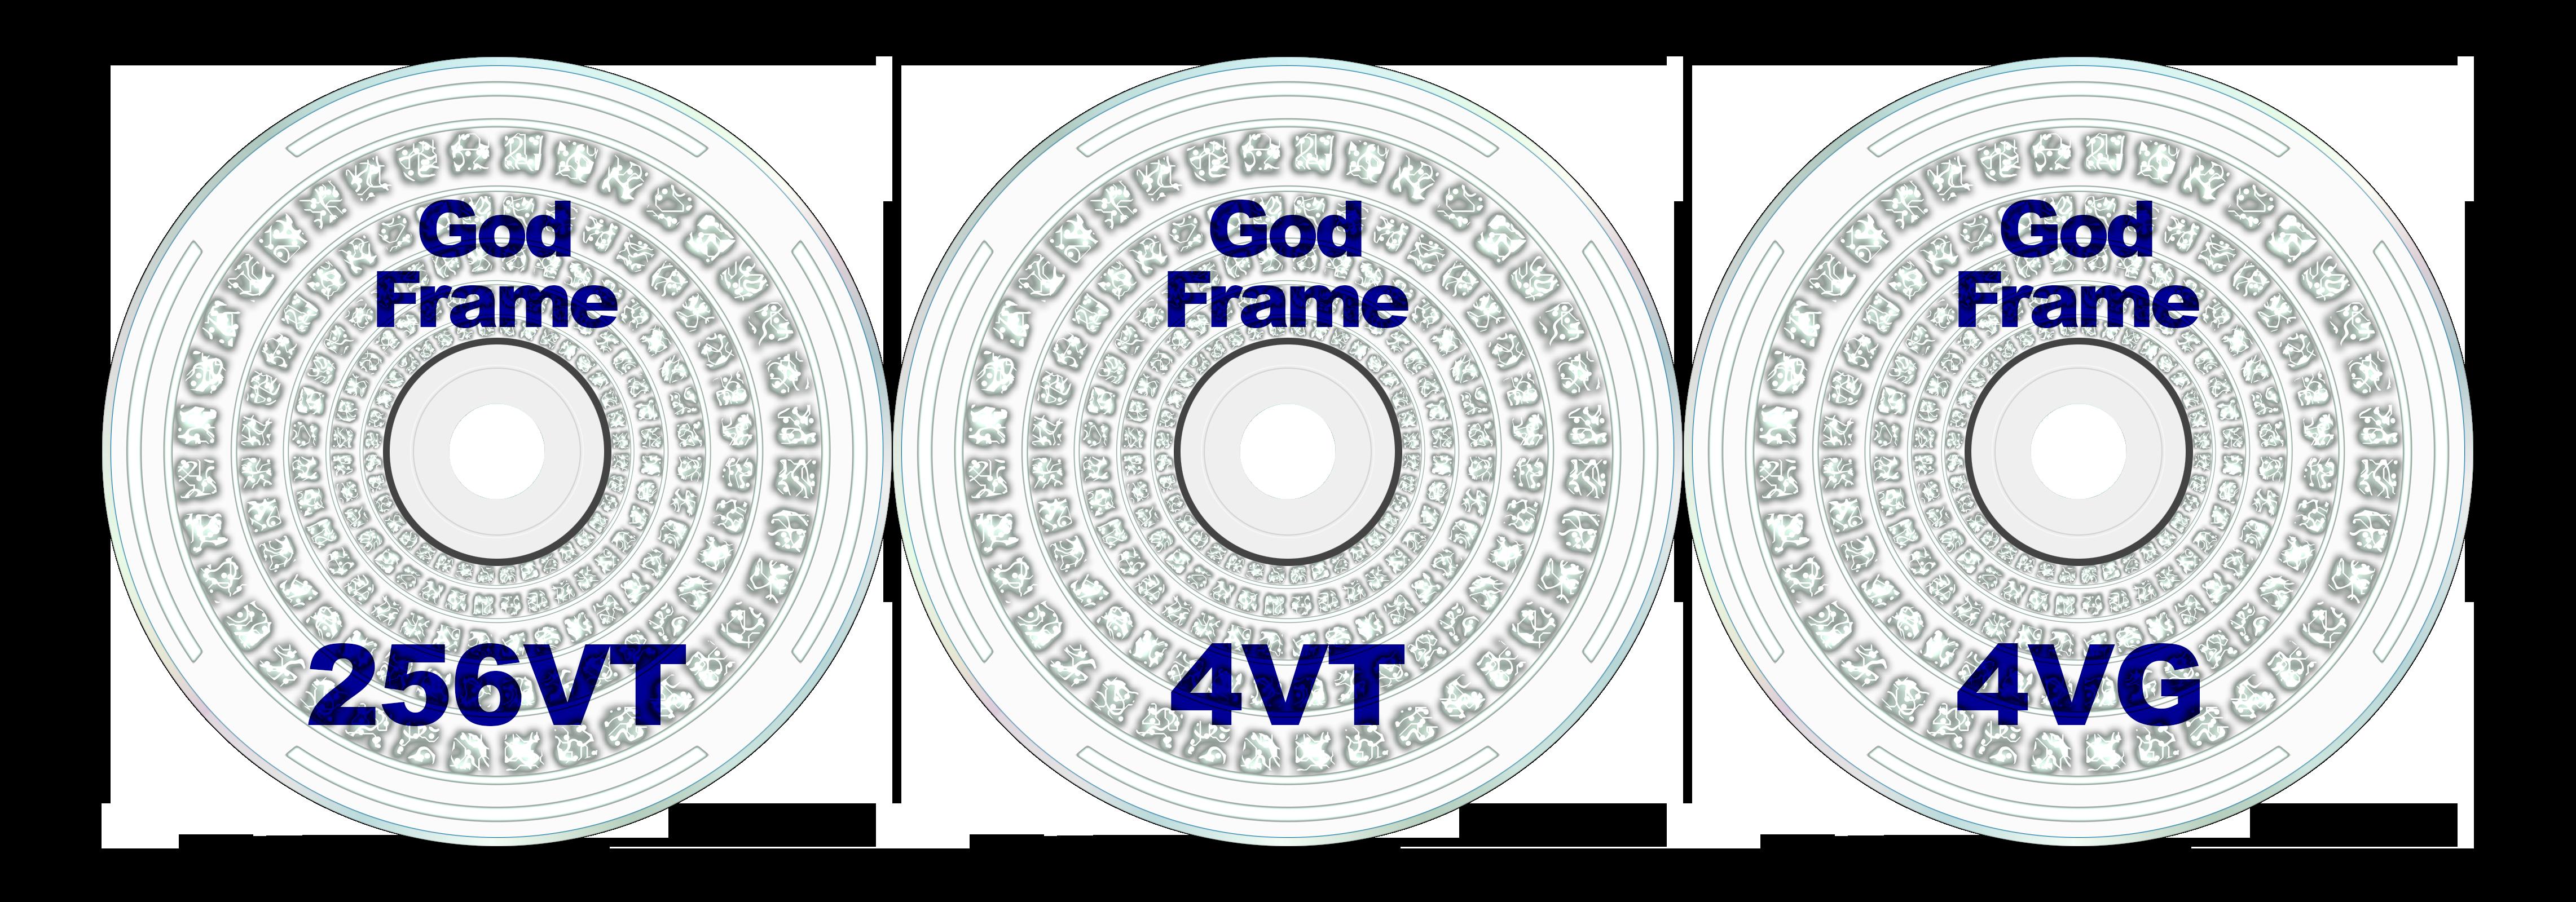 God Frame